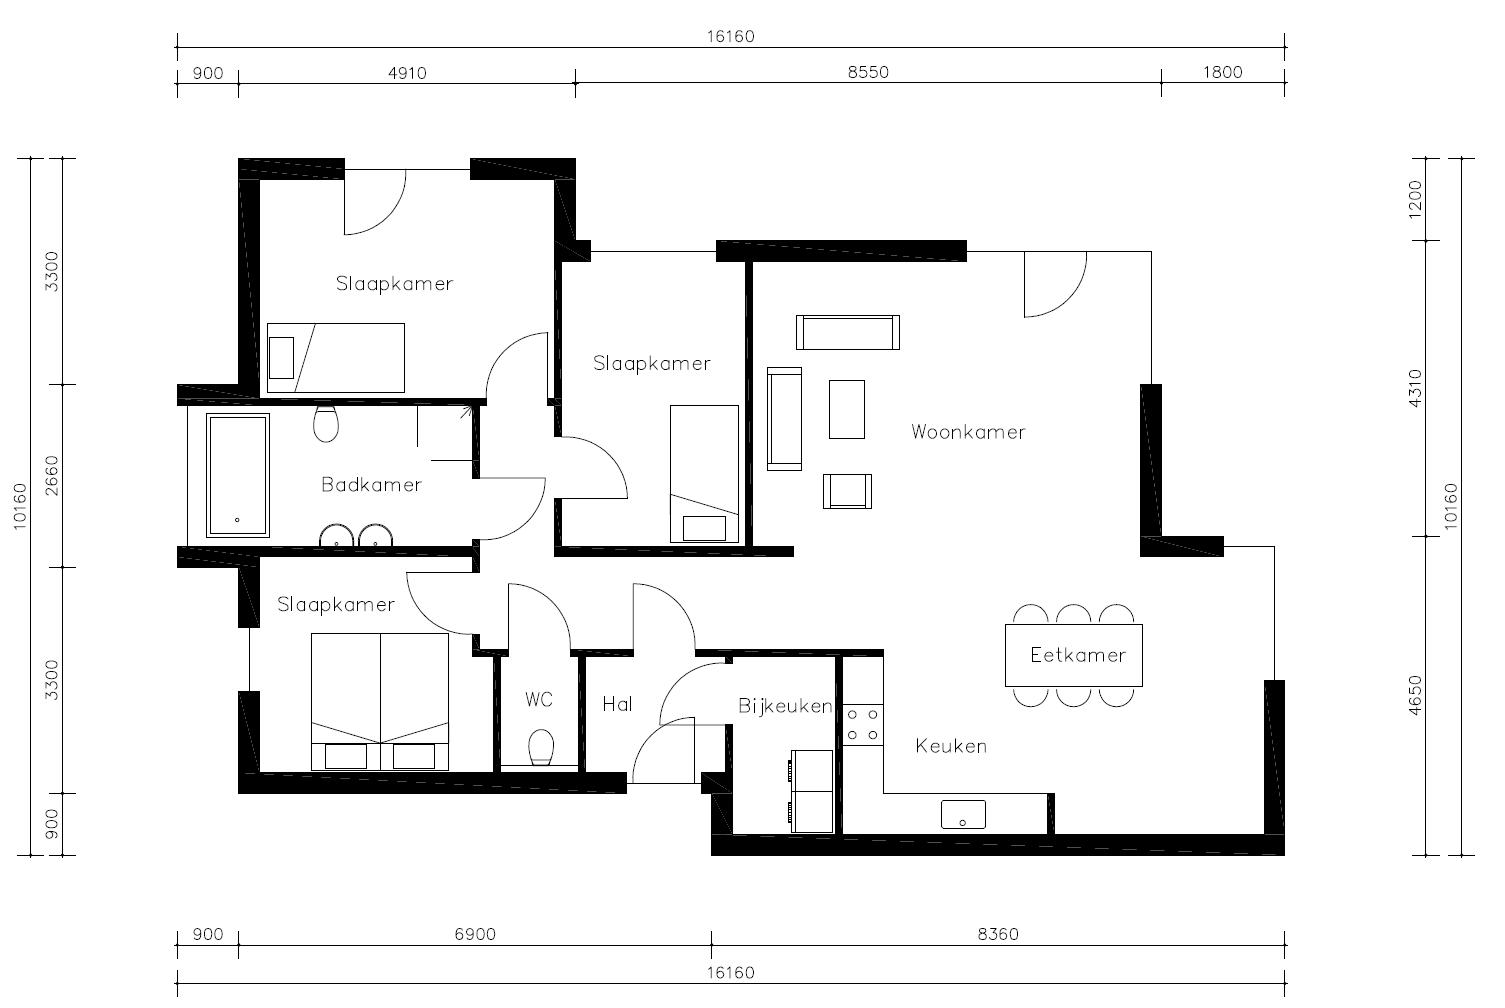 Plattegrond Keuken Ontwerpen : eVilla moderne bungalow ZX65 – eVilla